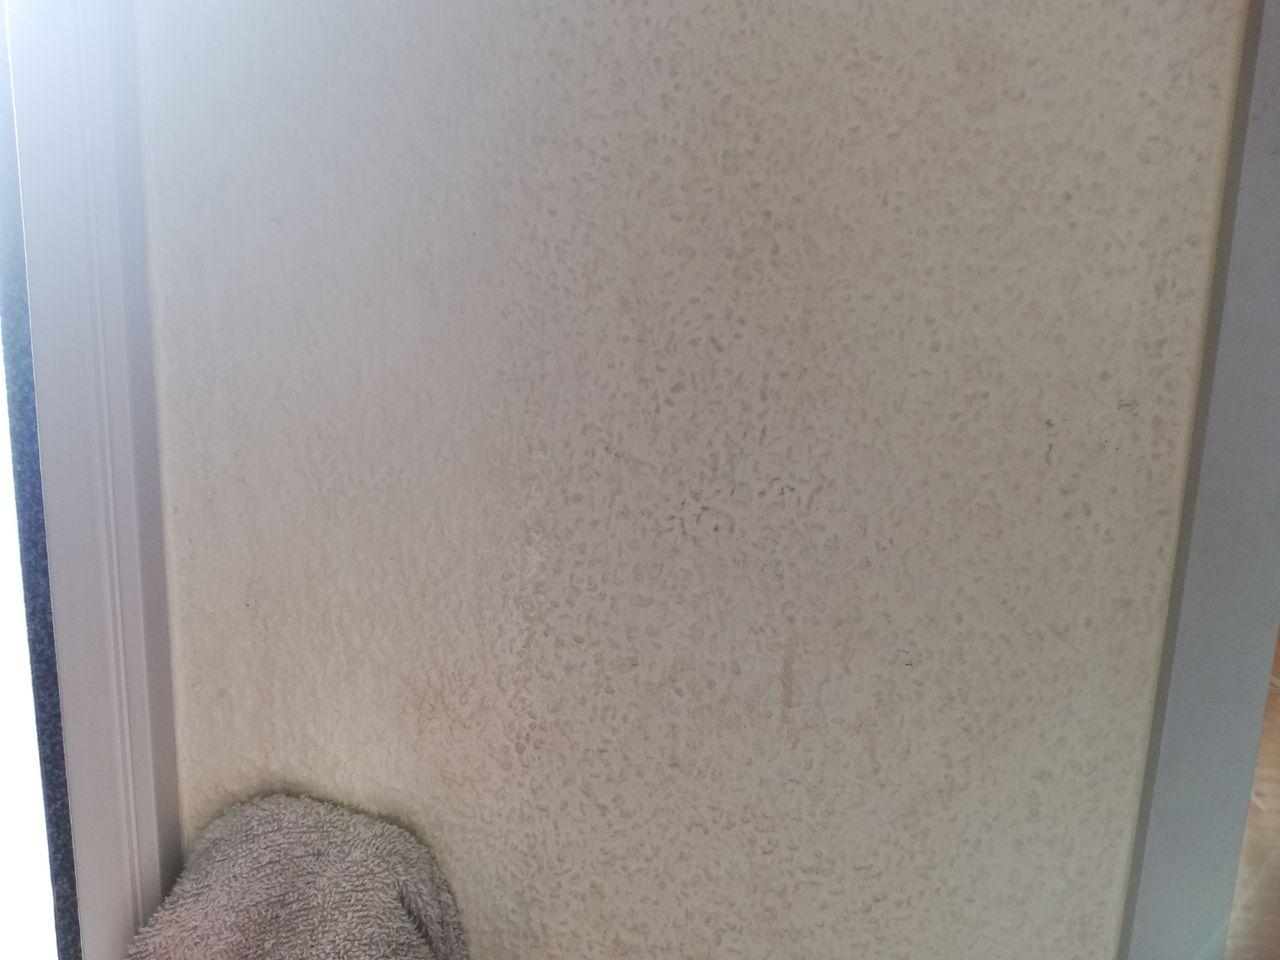 達成感があって疲れないのに部屋がキレイになる壁紙掃除 節約ママのこだわり掃除